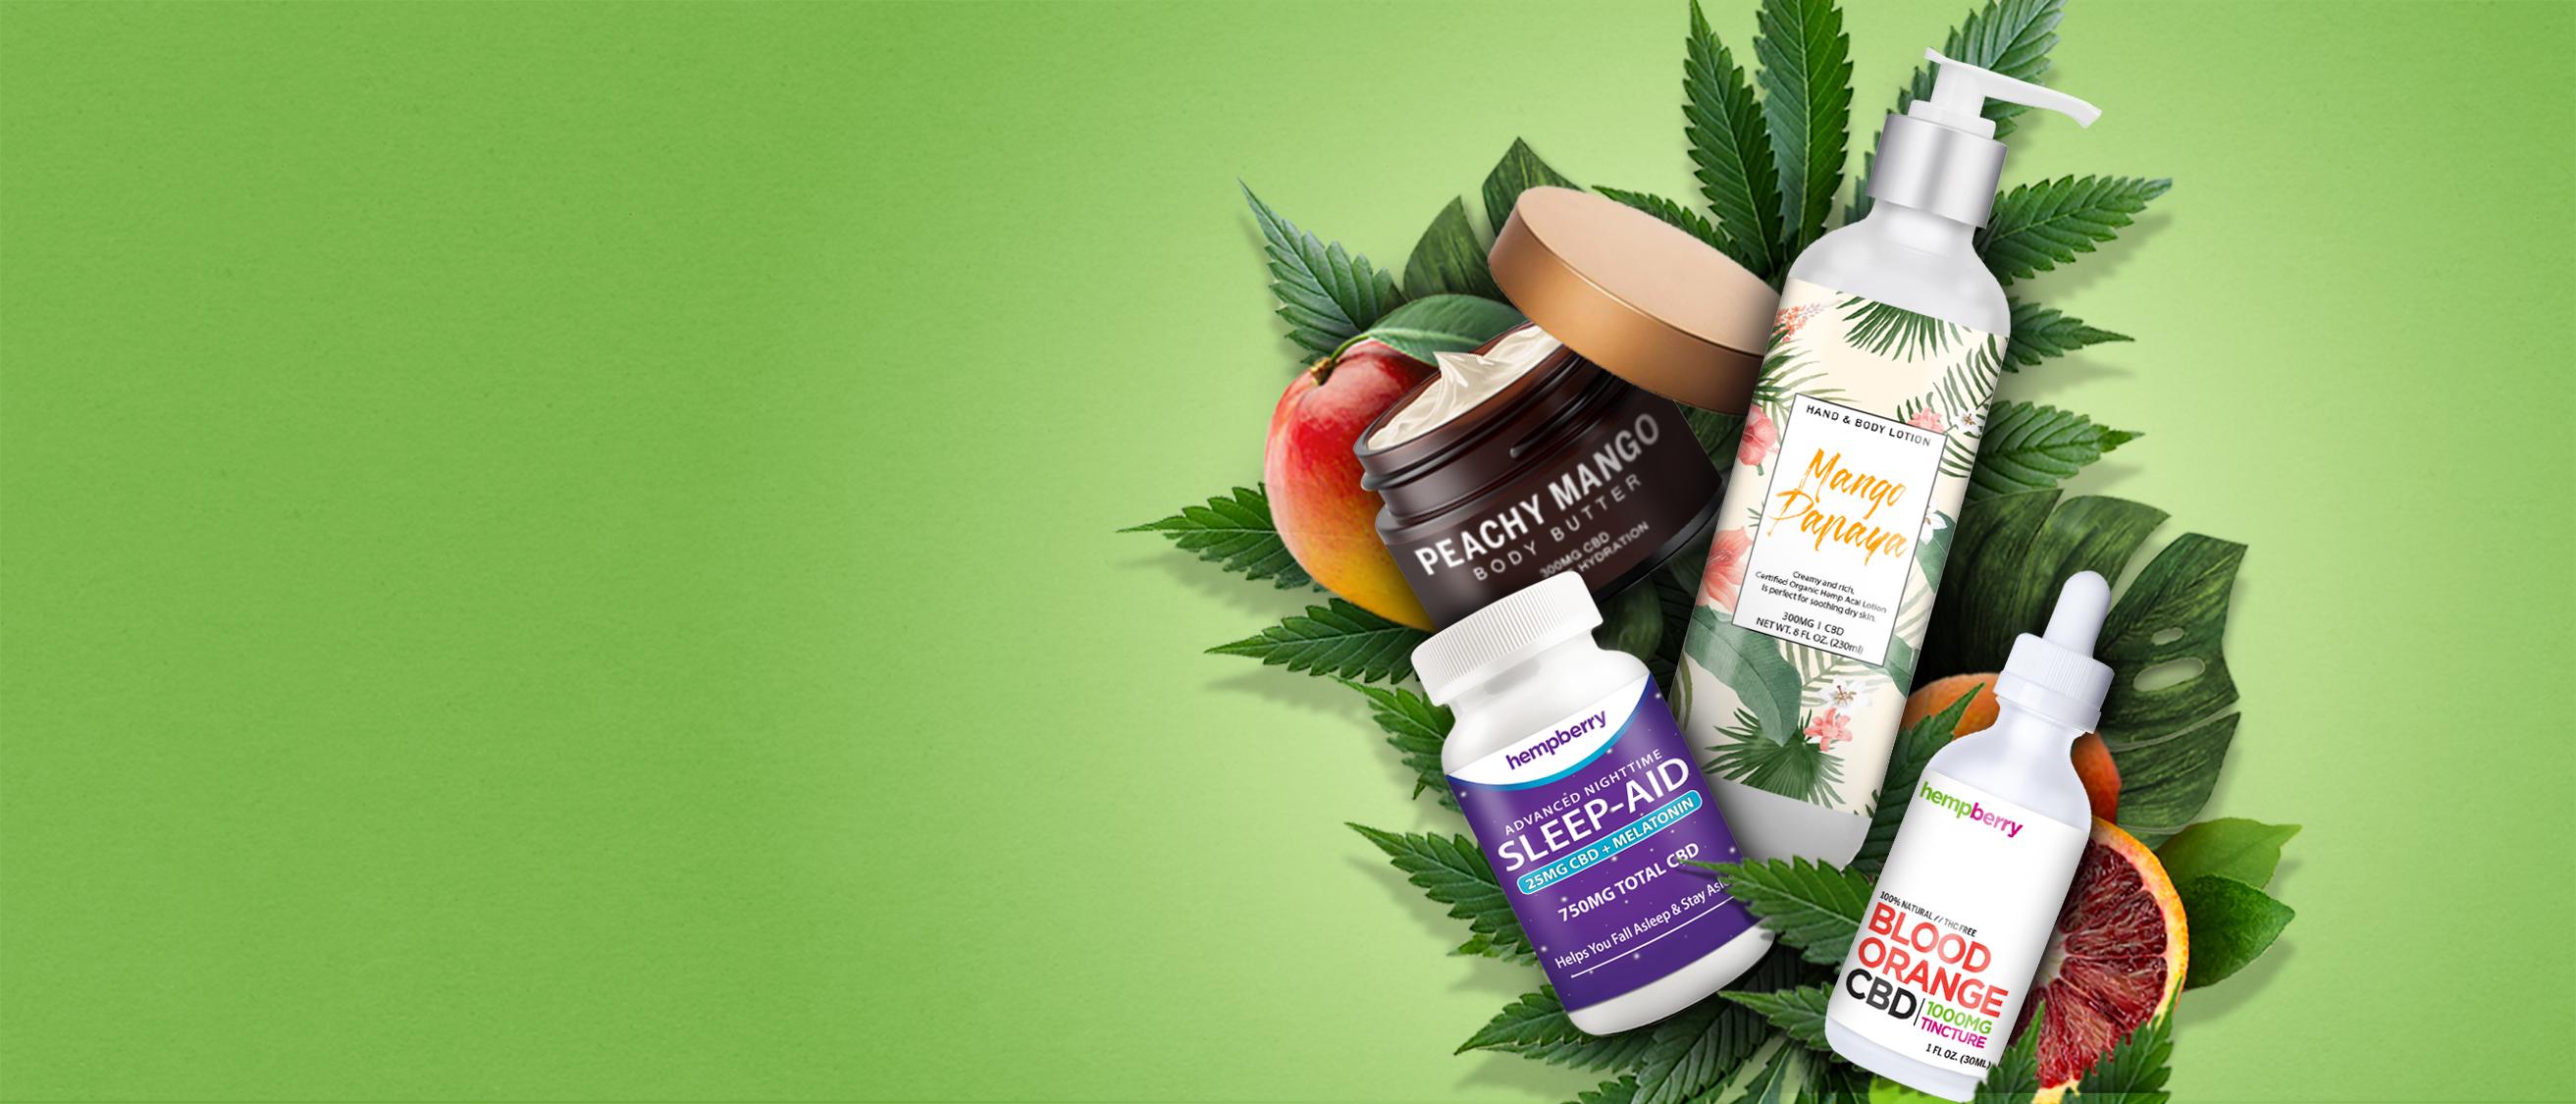 Hemp Berry Pure CBD Products